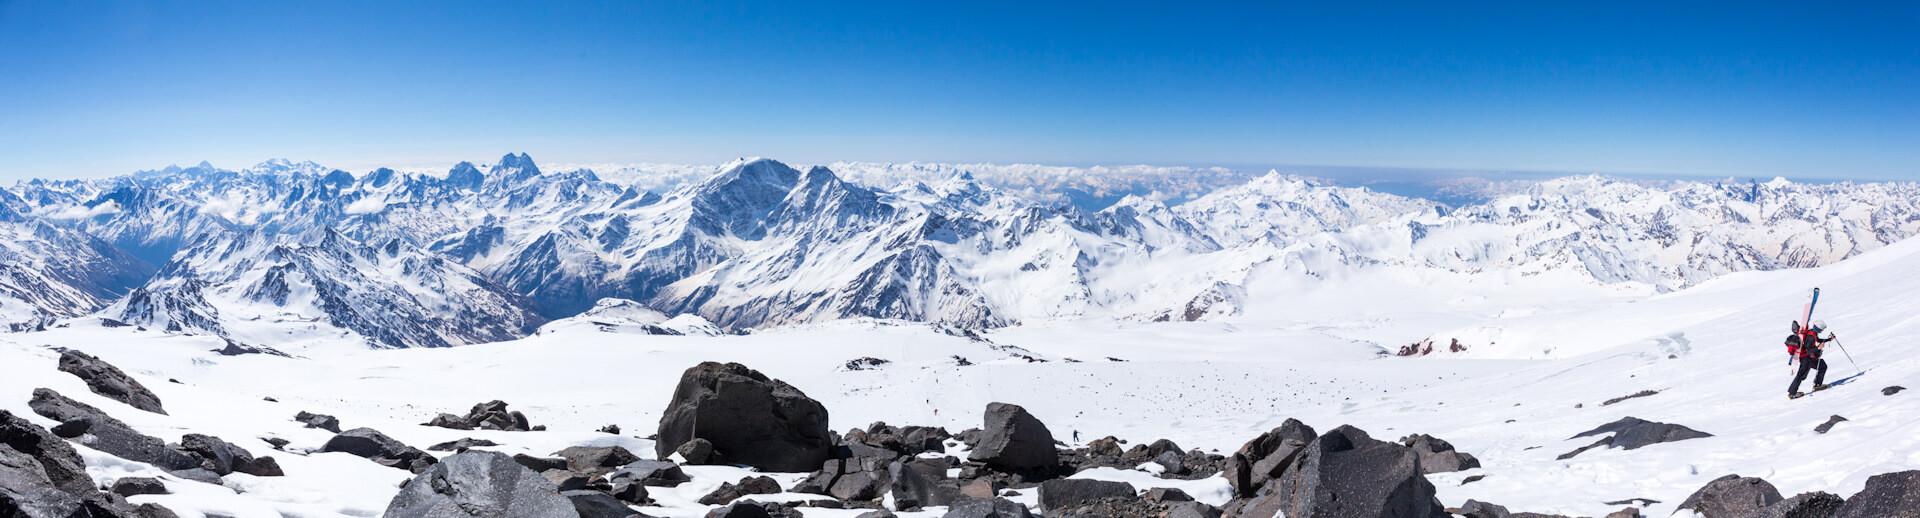 Кавказский хребет со скал Пастухова